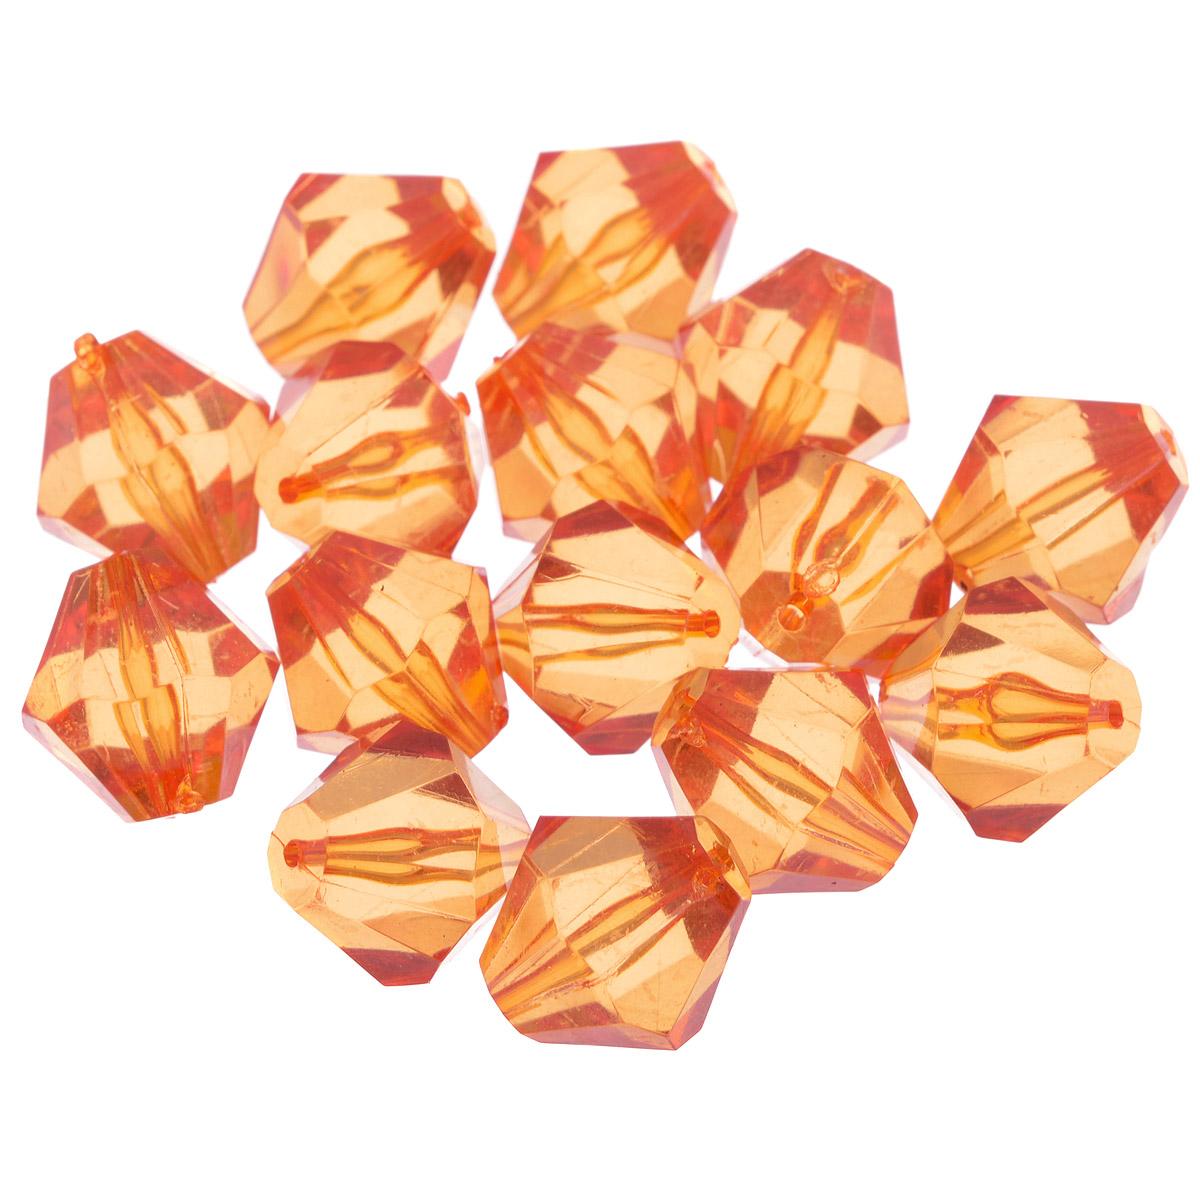 Бусины Астра, цвет: темно-оранжевый (15), 16 мм х 17 мм, 25 г. 684982_15684982_15Набор бусин Астра, изготовленный из акрила, позволит вам своими руками создать оригинальные ожерелья, бусы или браслеты. Одноцветные ромбовидные бусины оригинального и яркого дизайна оснащены рельефными, многогранными поверхностями. Изготовление украшений - занимательное хобби и реализация творческих способностей рукодельницы, это возможность создания неповторимого индивидуального подарка. Размер бусины: 16 мм х 17 мм.